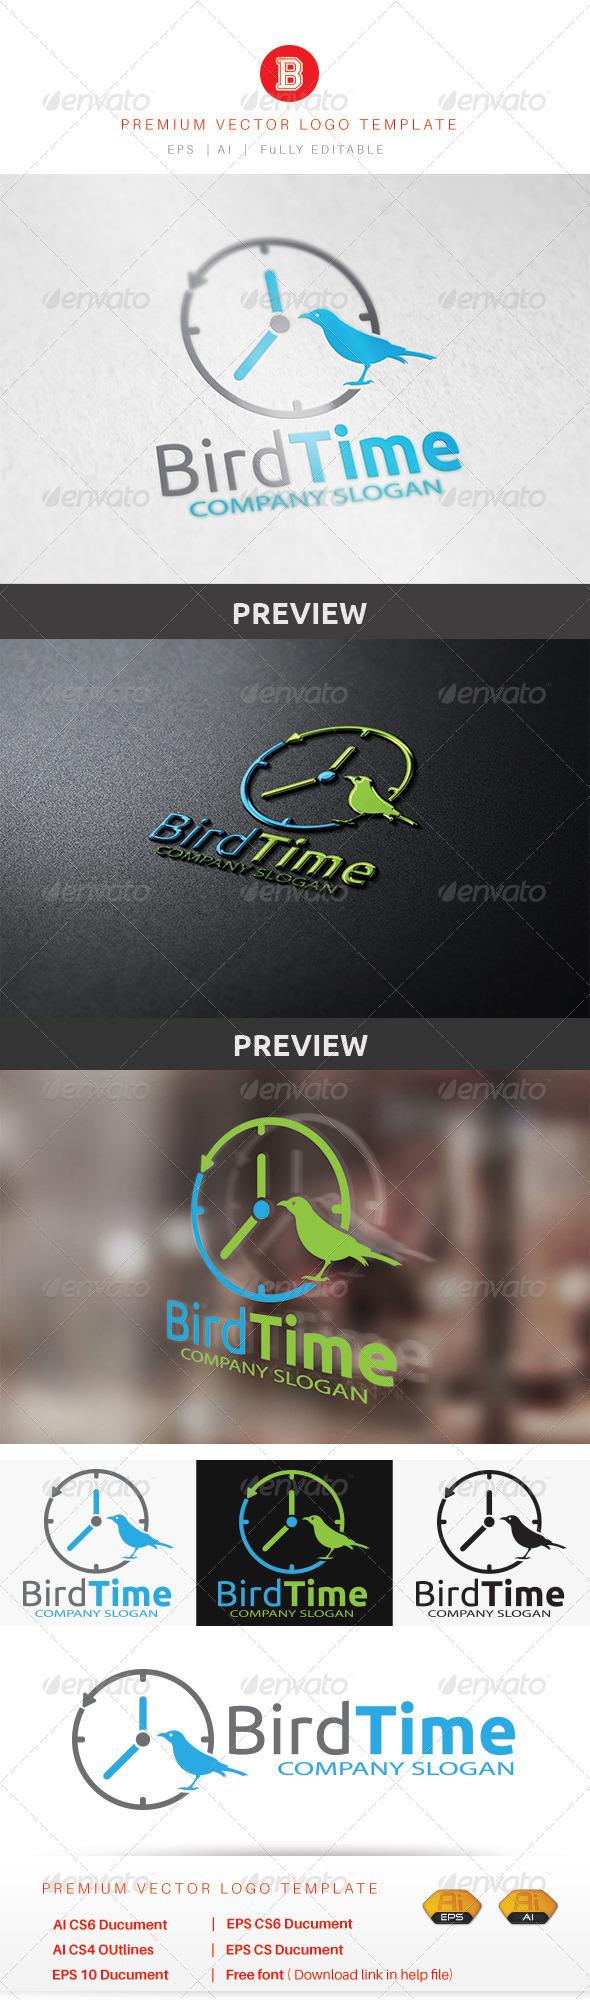 GraphicRiver Bird Time 8636609